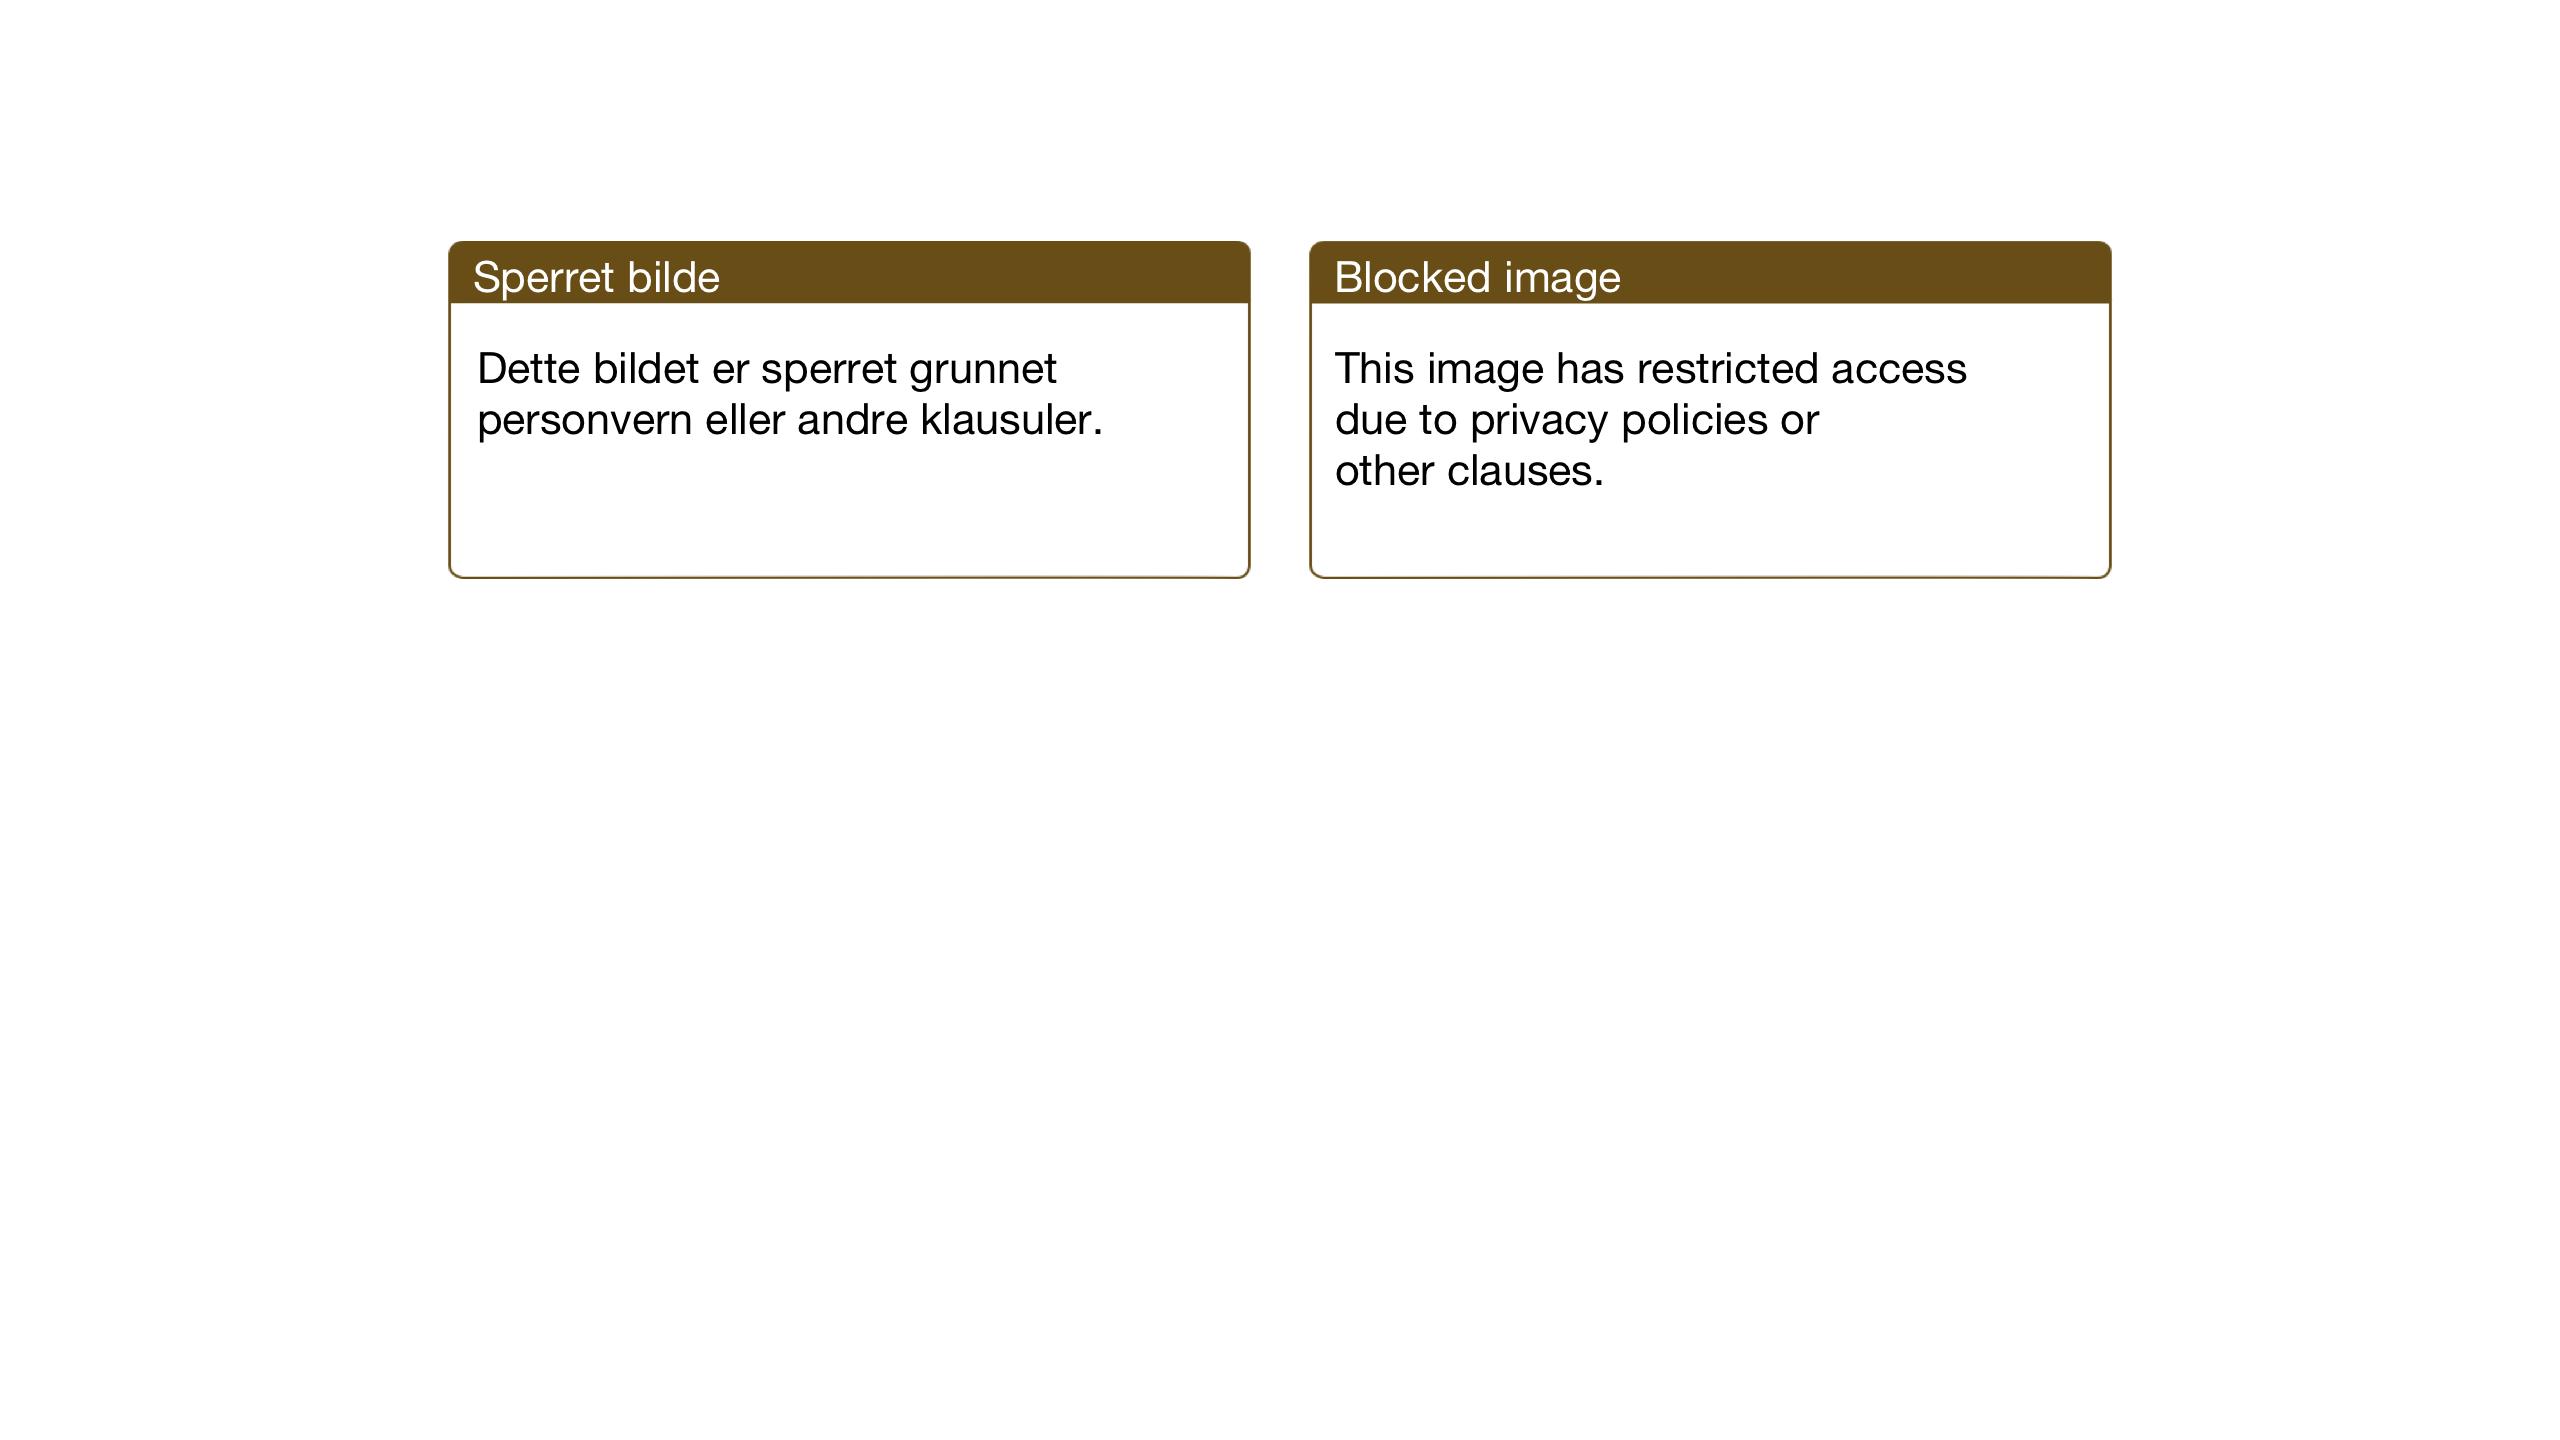 SAT, Ministerialprotokoller, klokkerbøker og fødselsregistre - Sør-Trøndelag, 667/L0799: Klokkerbok nr. 667C04, 1929-1950, s. 97